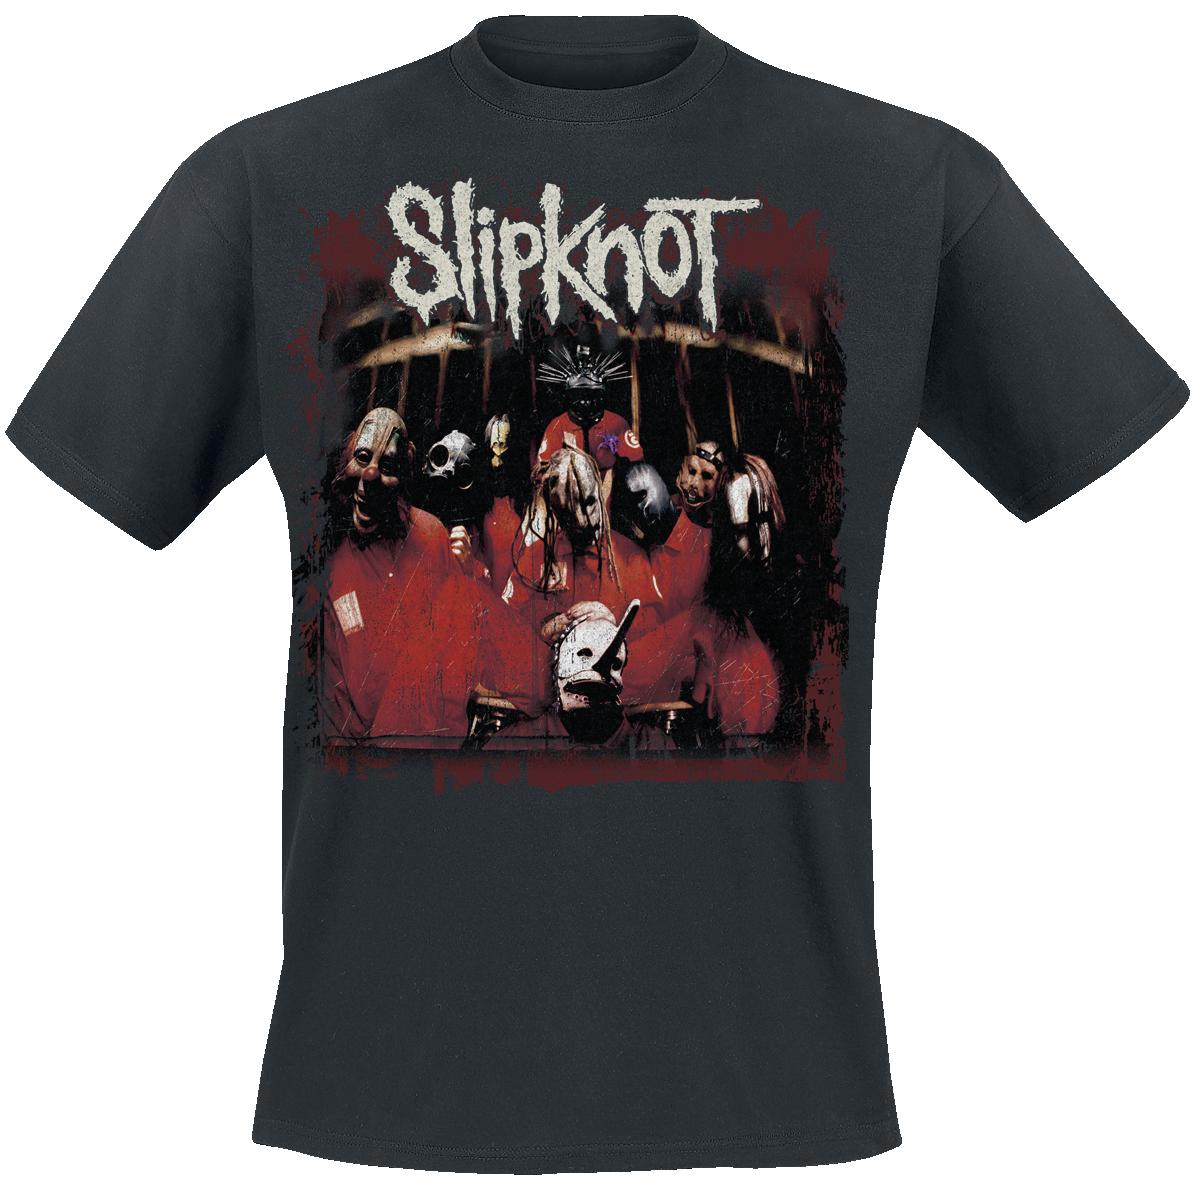 Slipknot - Debut Album - T-Shirt - black image